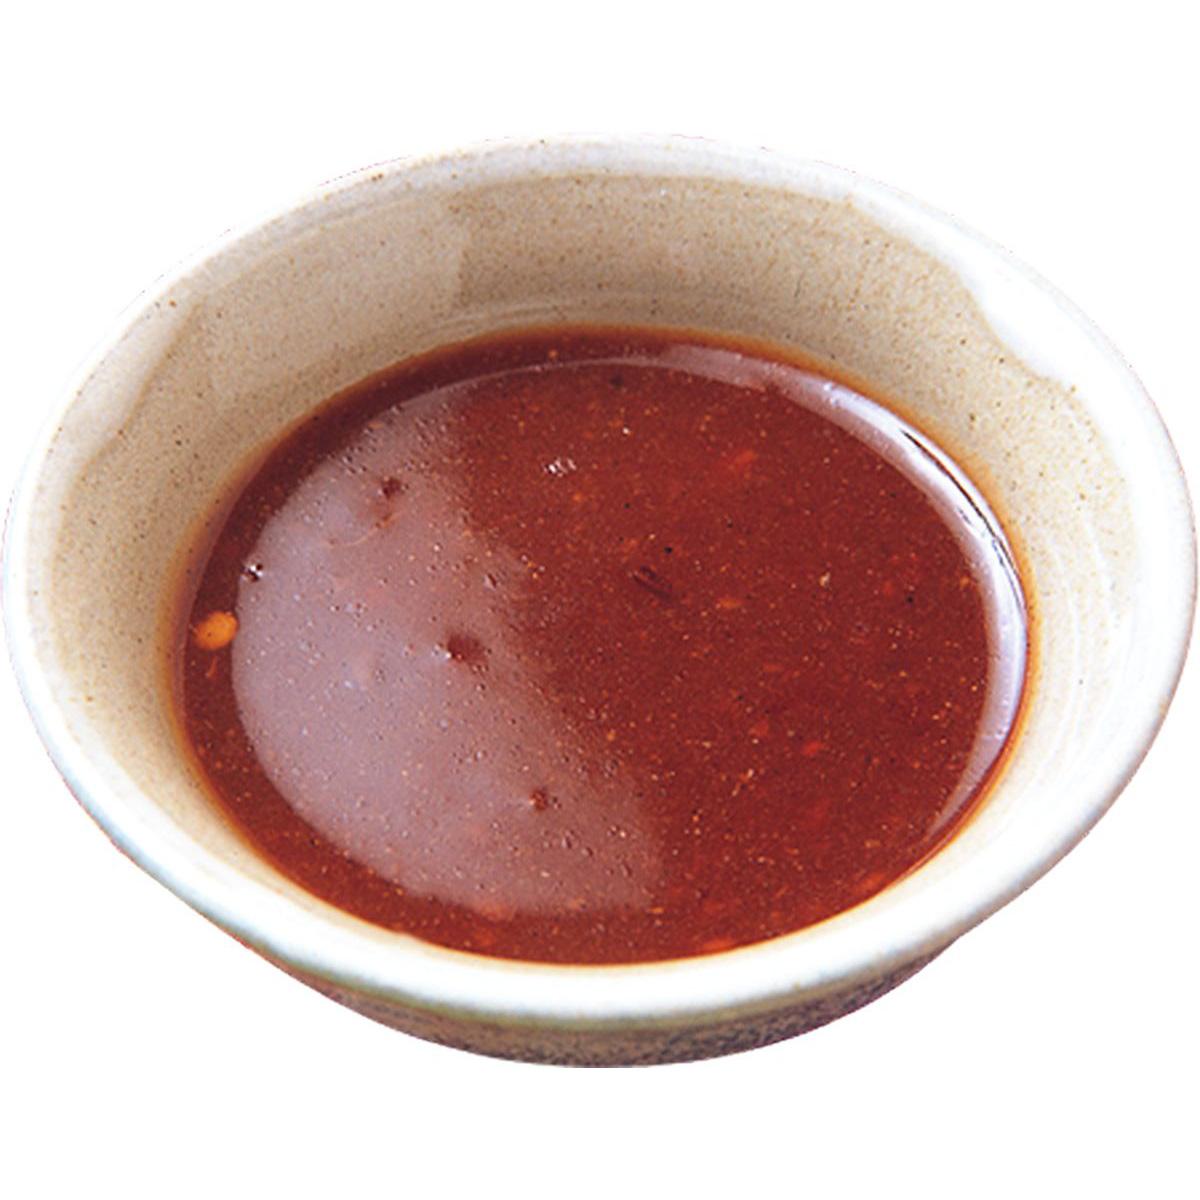 食譜:肉類用三杯醬汁